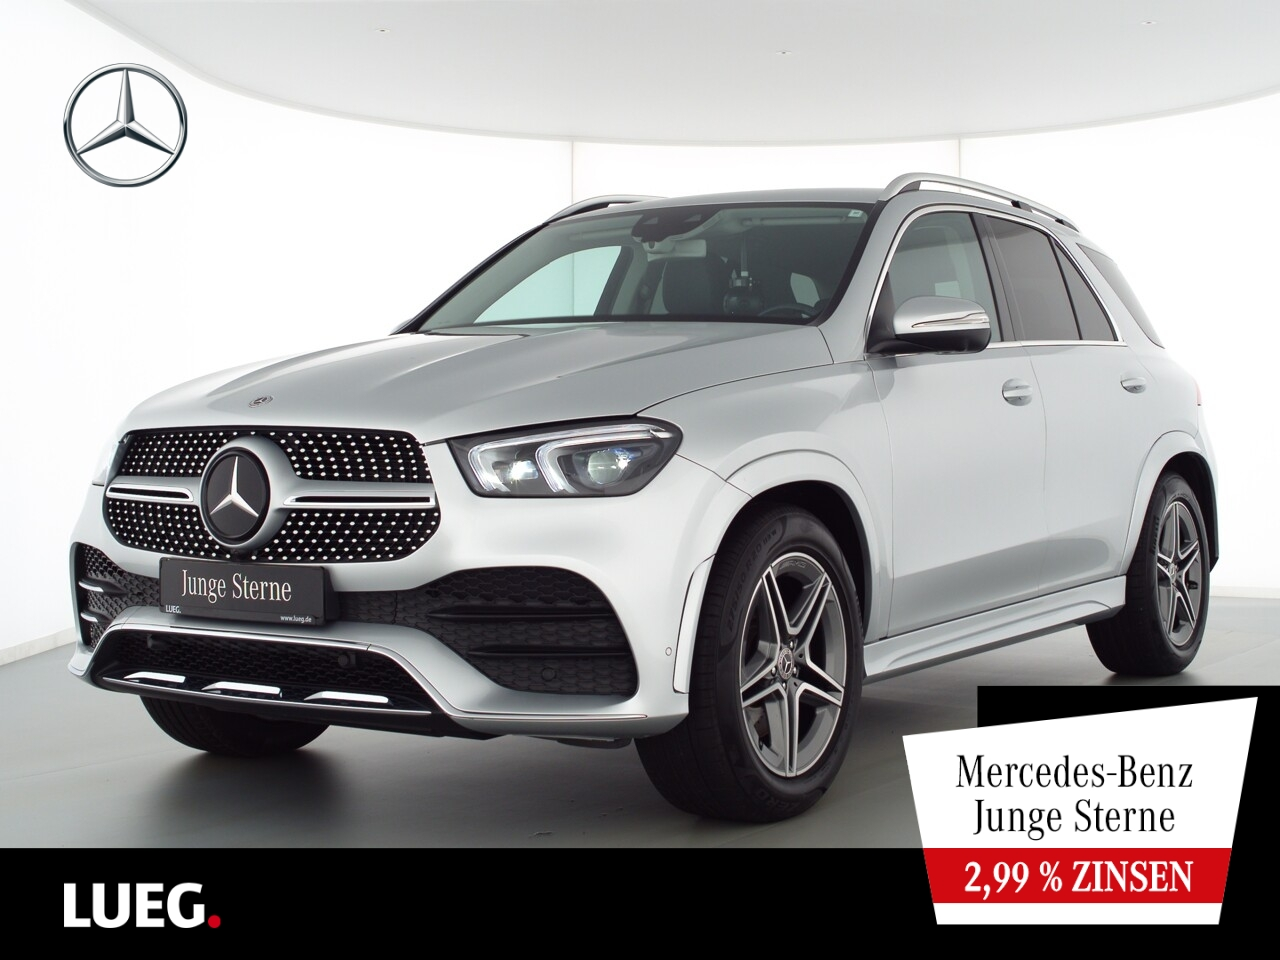 Mercedes-Benz GLE 400 d 4M AMG+MBUX+Mbeam+AHK+Airm+7Sitzer+360, Jahr 2019, Diesel